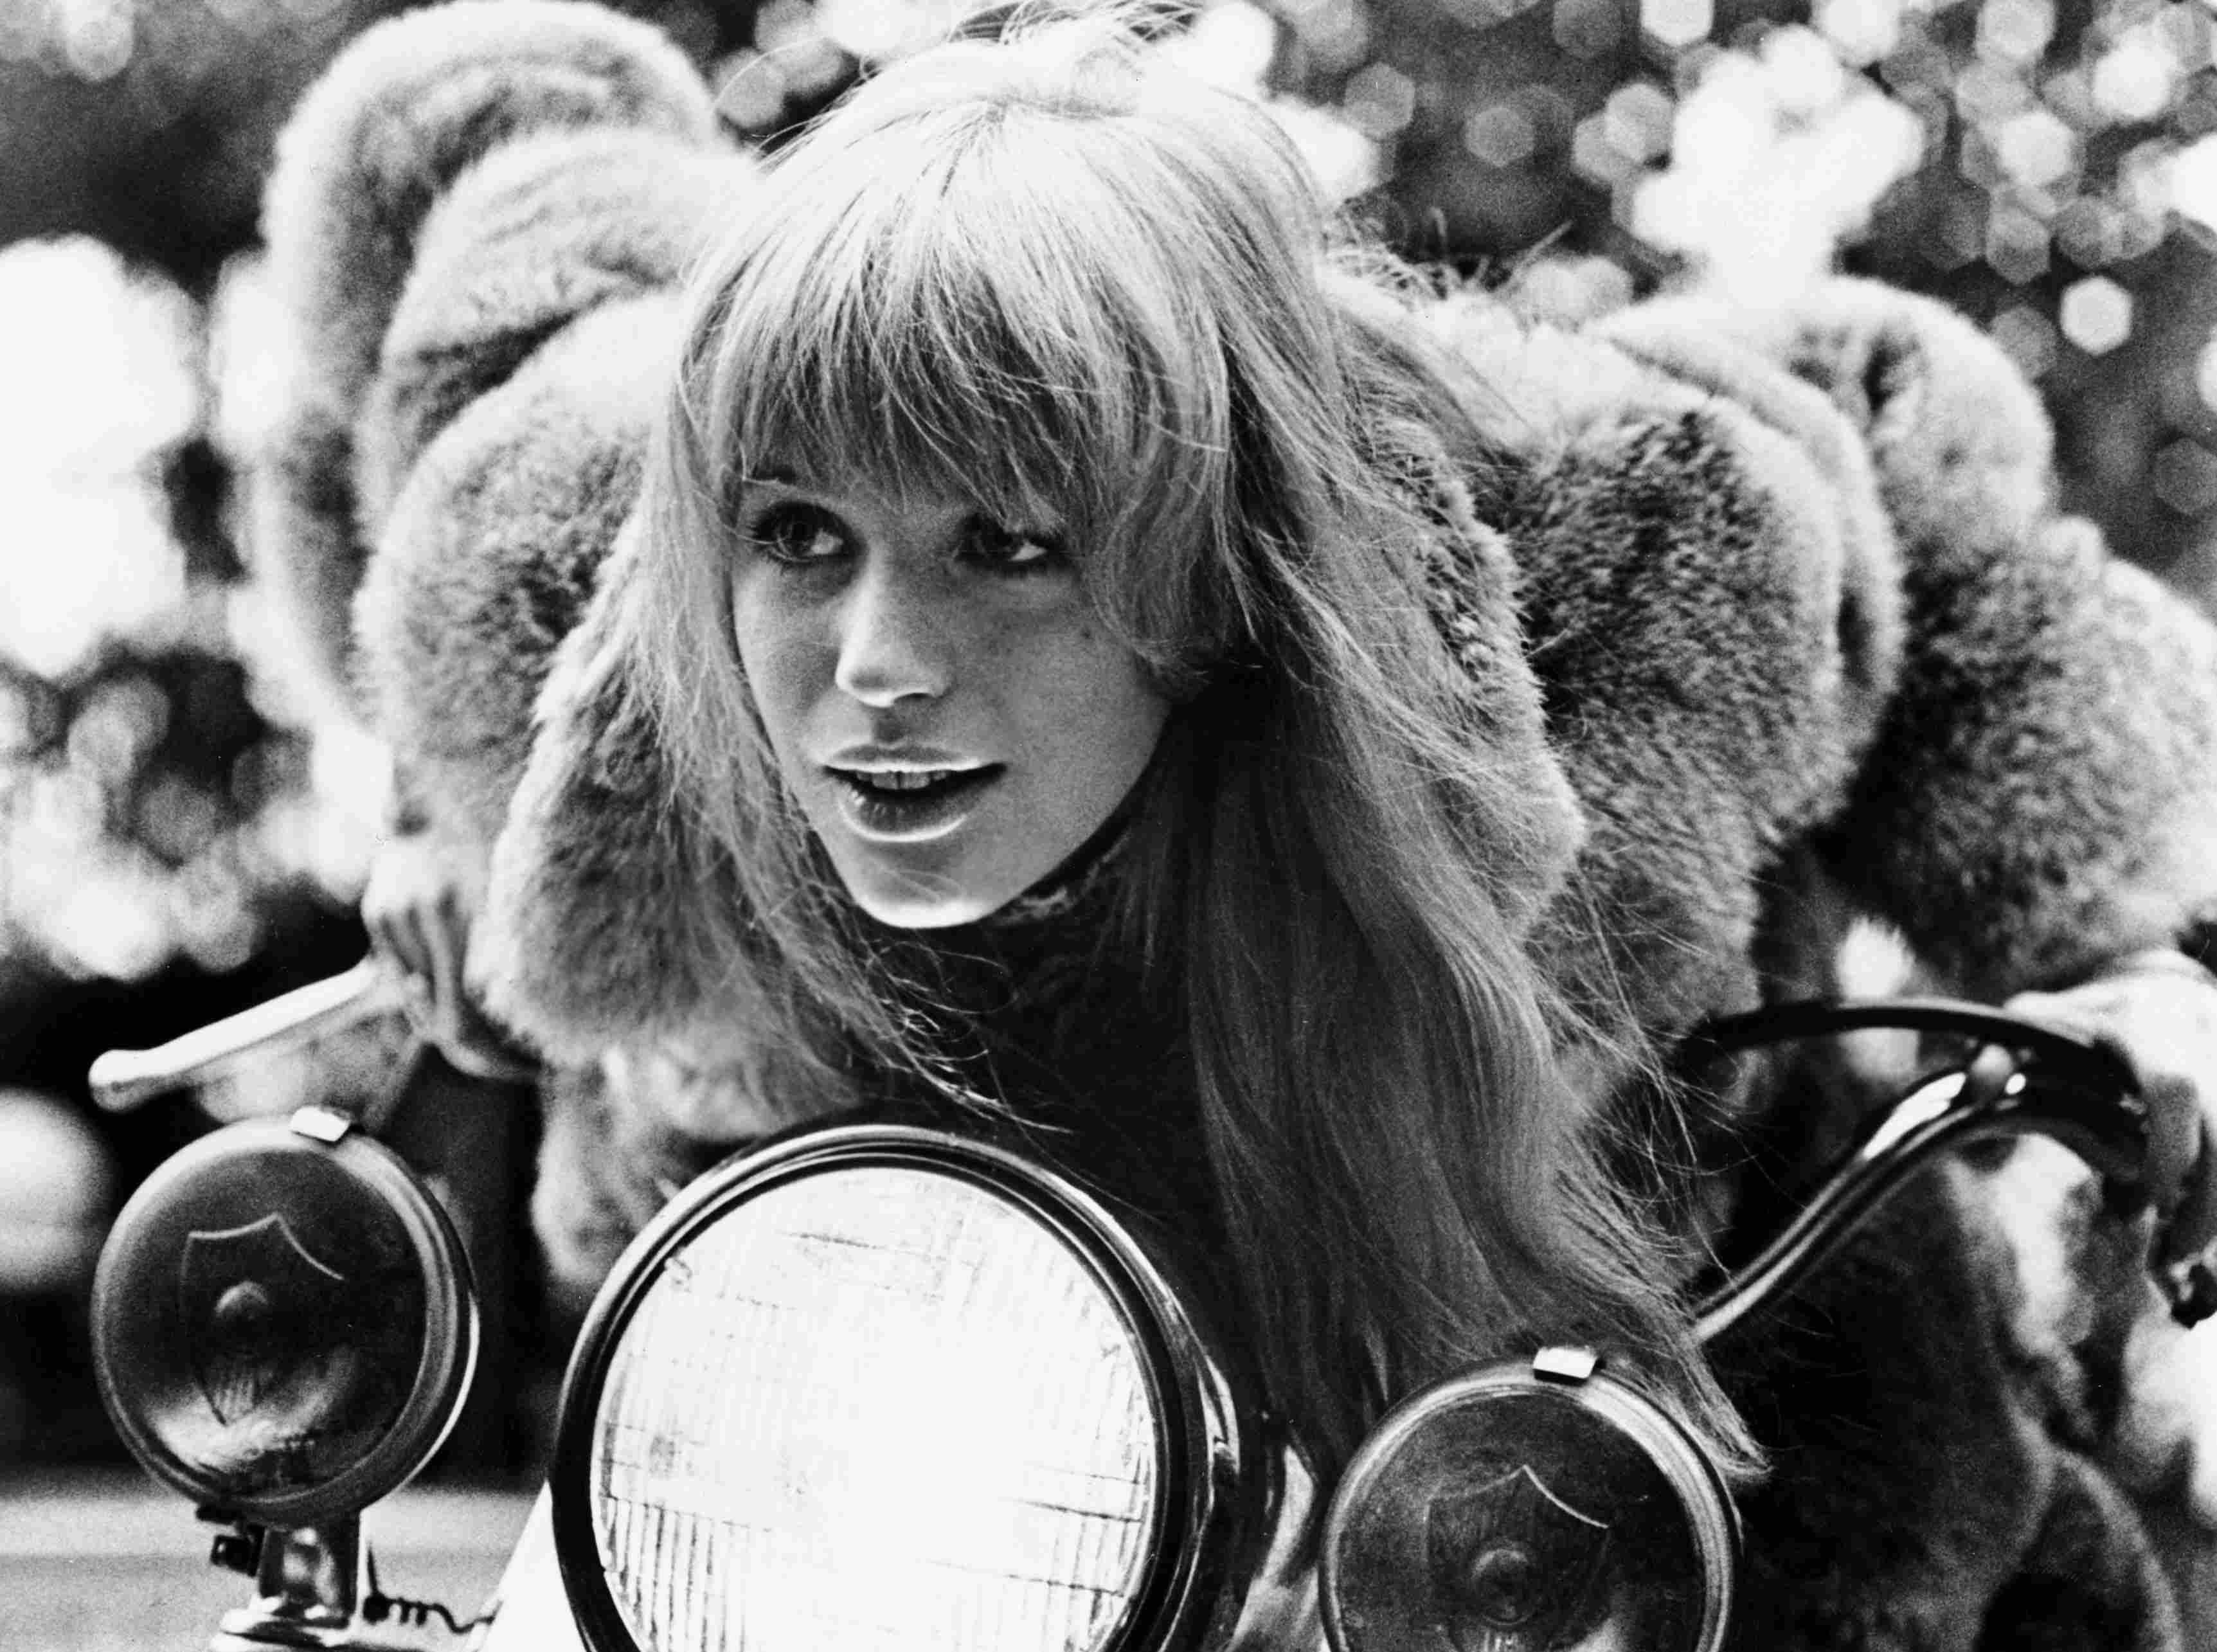 Marianne Faithfull on Motorbike, 1968